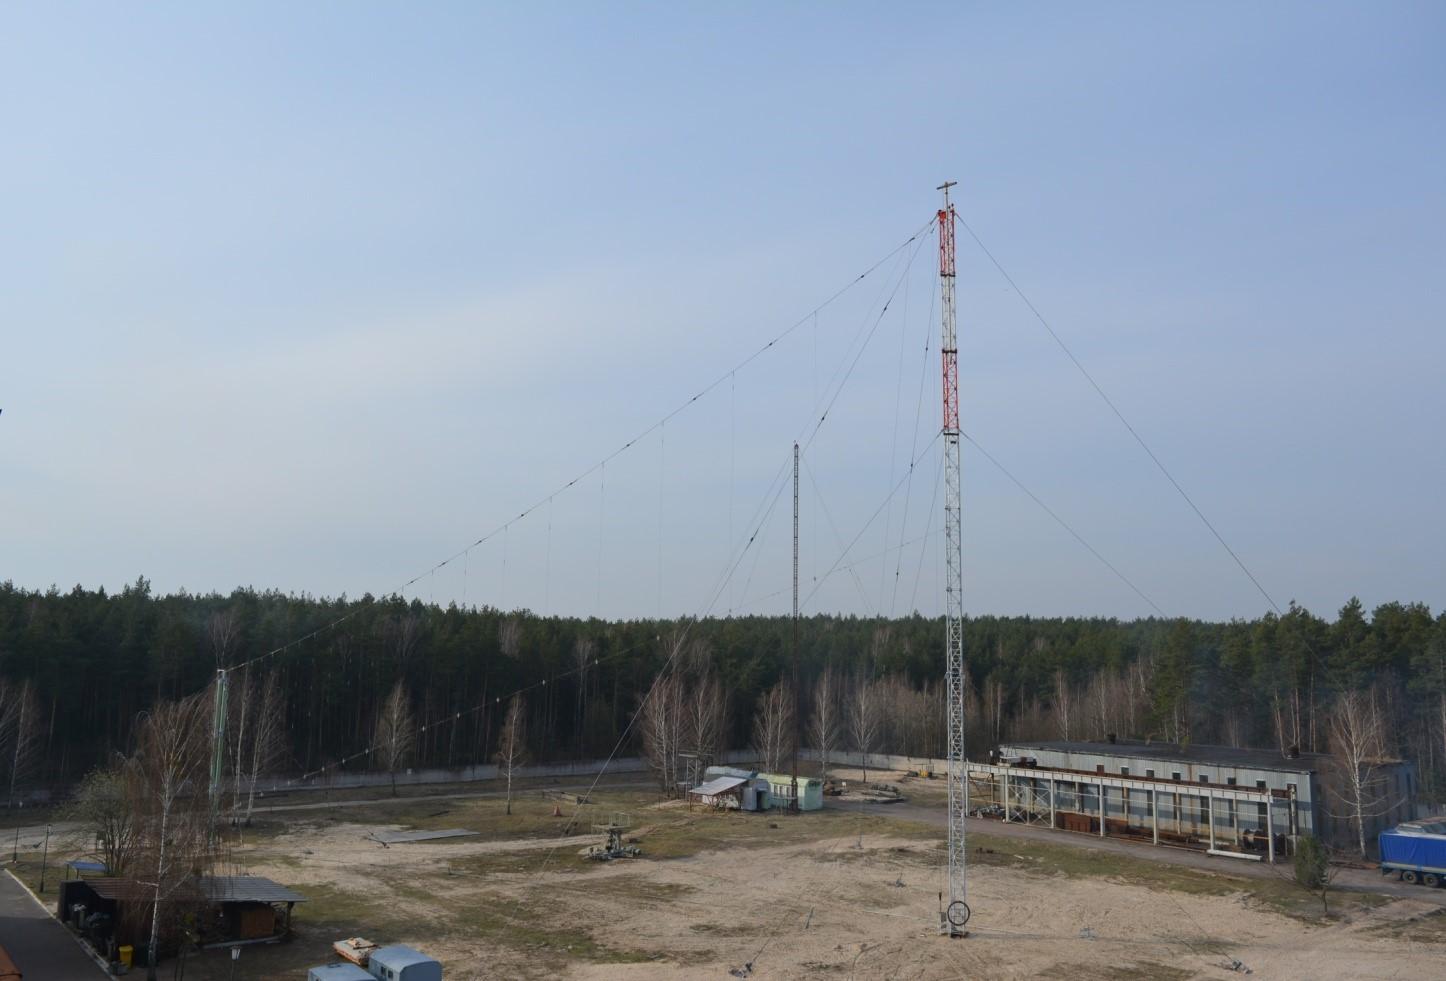 Fathirovannoi antena icon